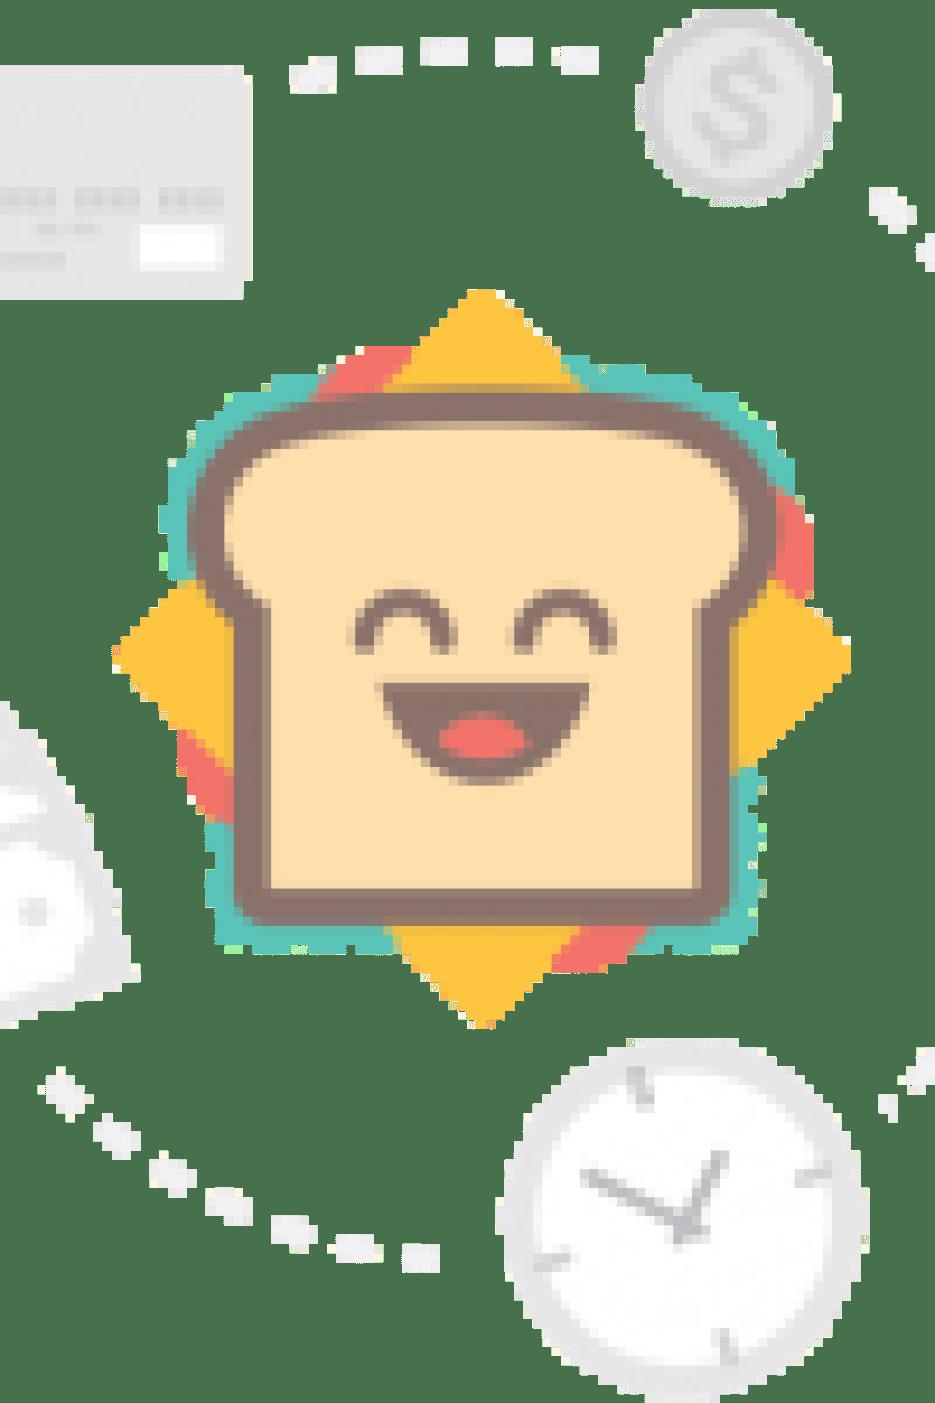 black dress missguided zara bag nike sneakers ootd lookbook look outfit street style tumblr girl